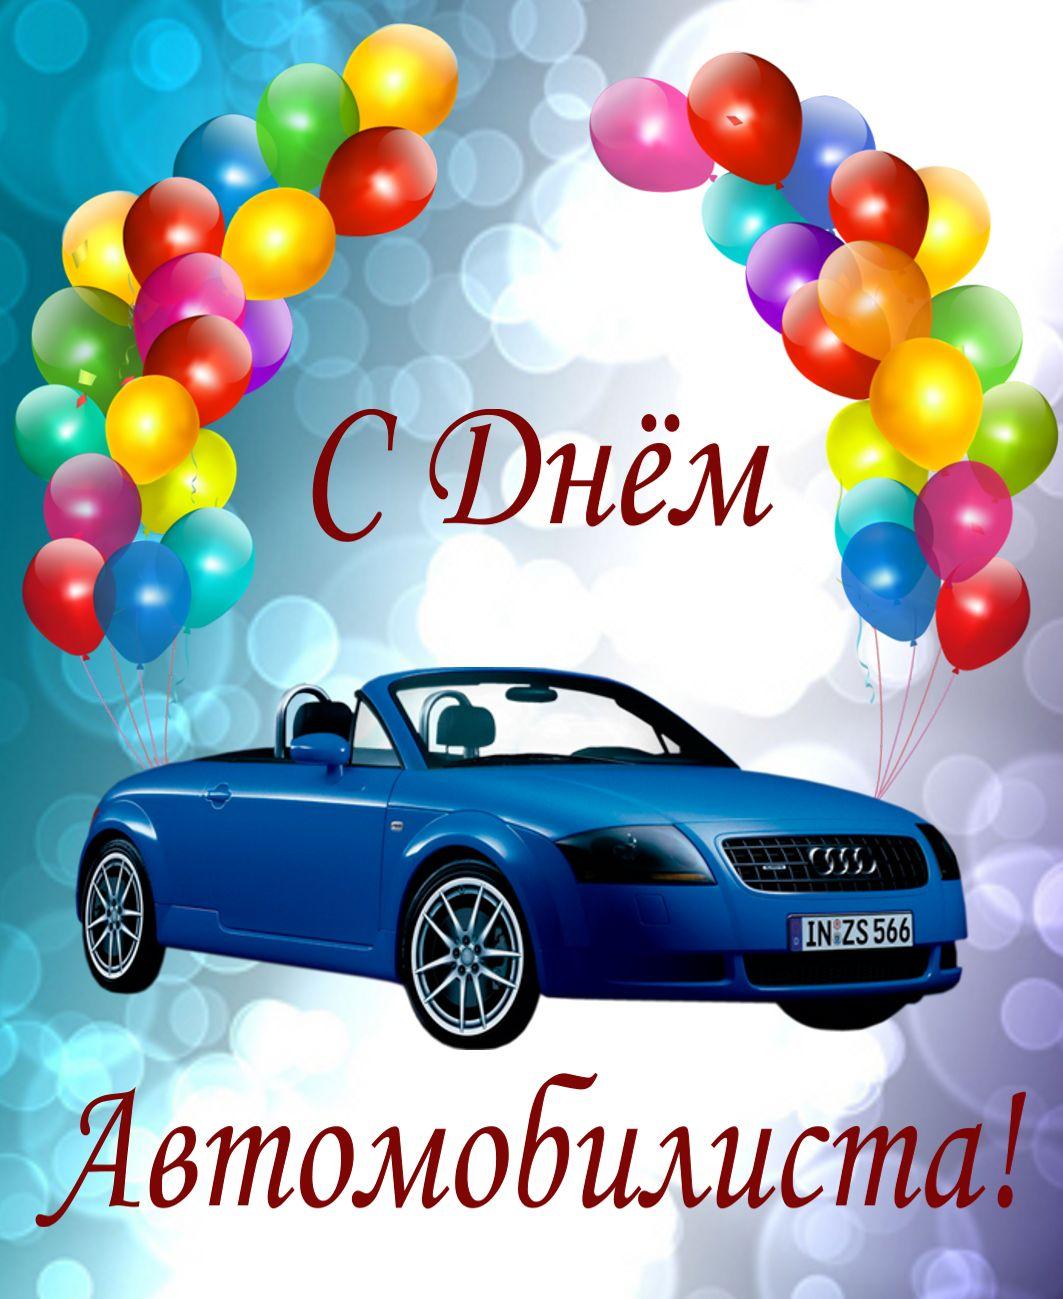 открытка с Днем автомобилиста - ауди на фоне шариков